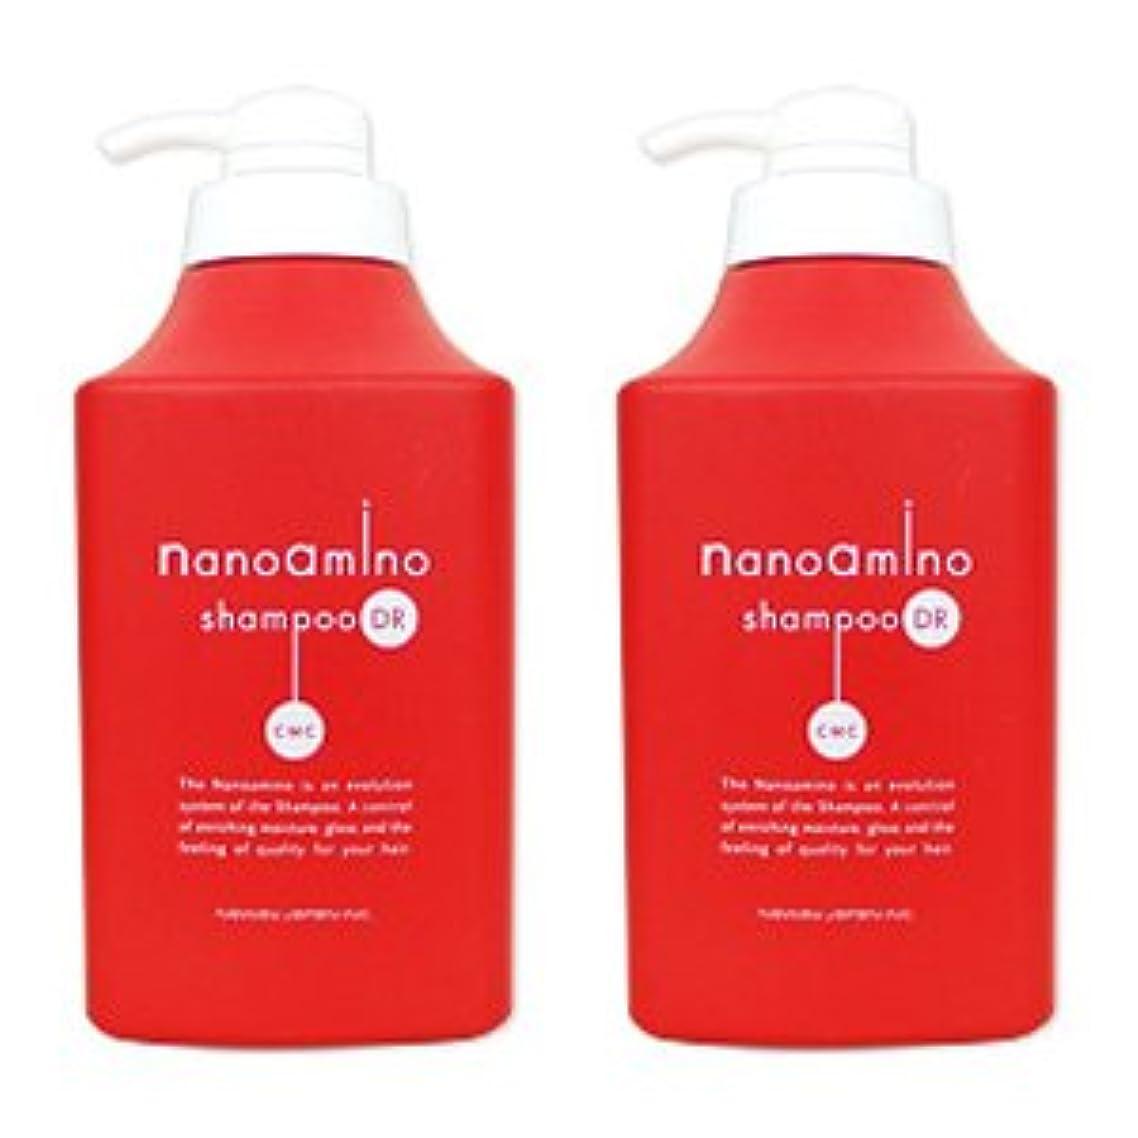 生態学年ブラシ【X2個セット】 ニューウェイジャパン ナノアミノ シャンプー DR 1000ml ポンプ付き容器入り